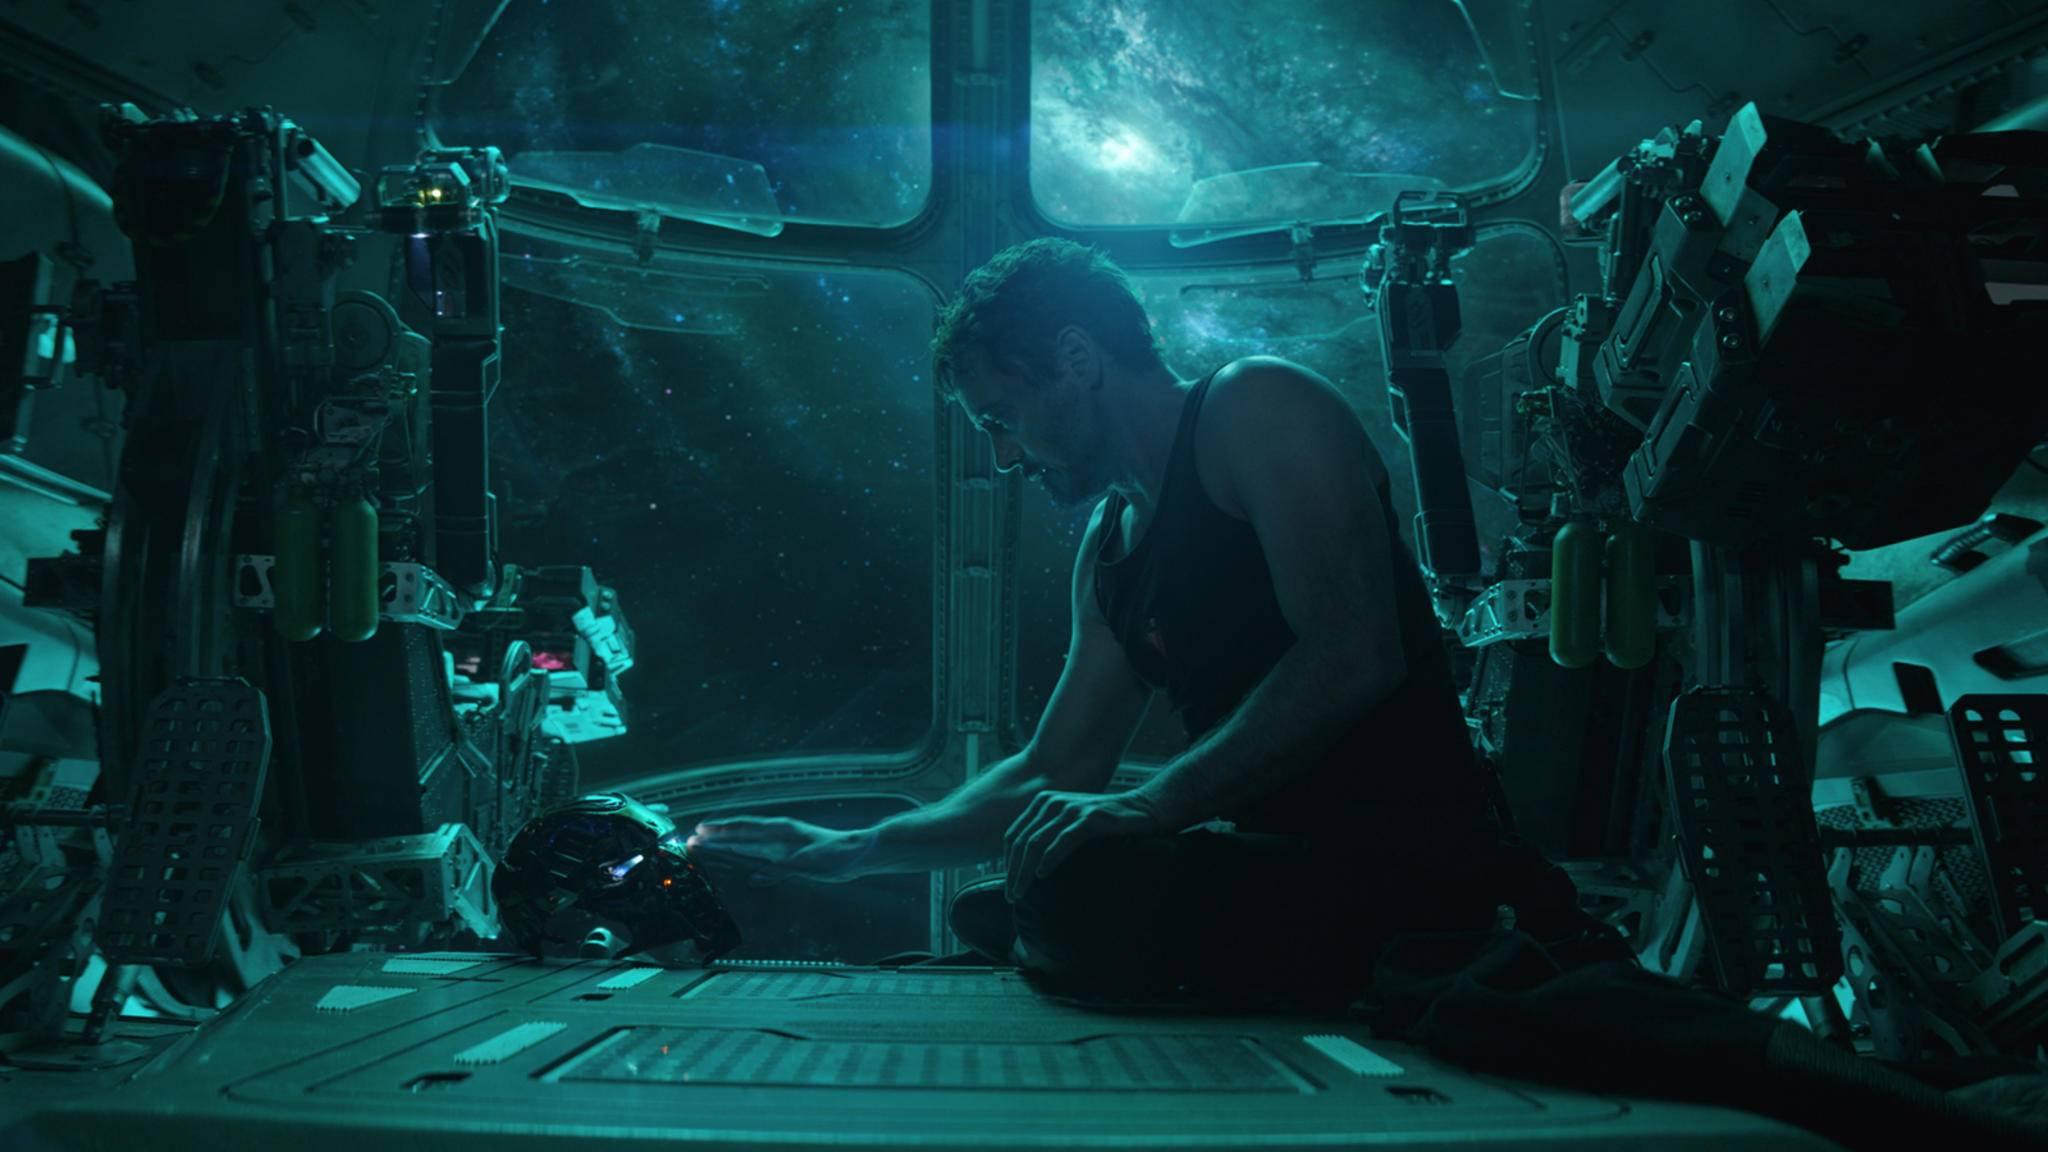 """""""Avengers: Endgame"""" ist der Höhepunkt einer zehnjährigen Marvel-Ära, die mit Robert Downey Jr. als Iron Man (Bild) ihren Anfang nahm."""